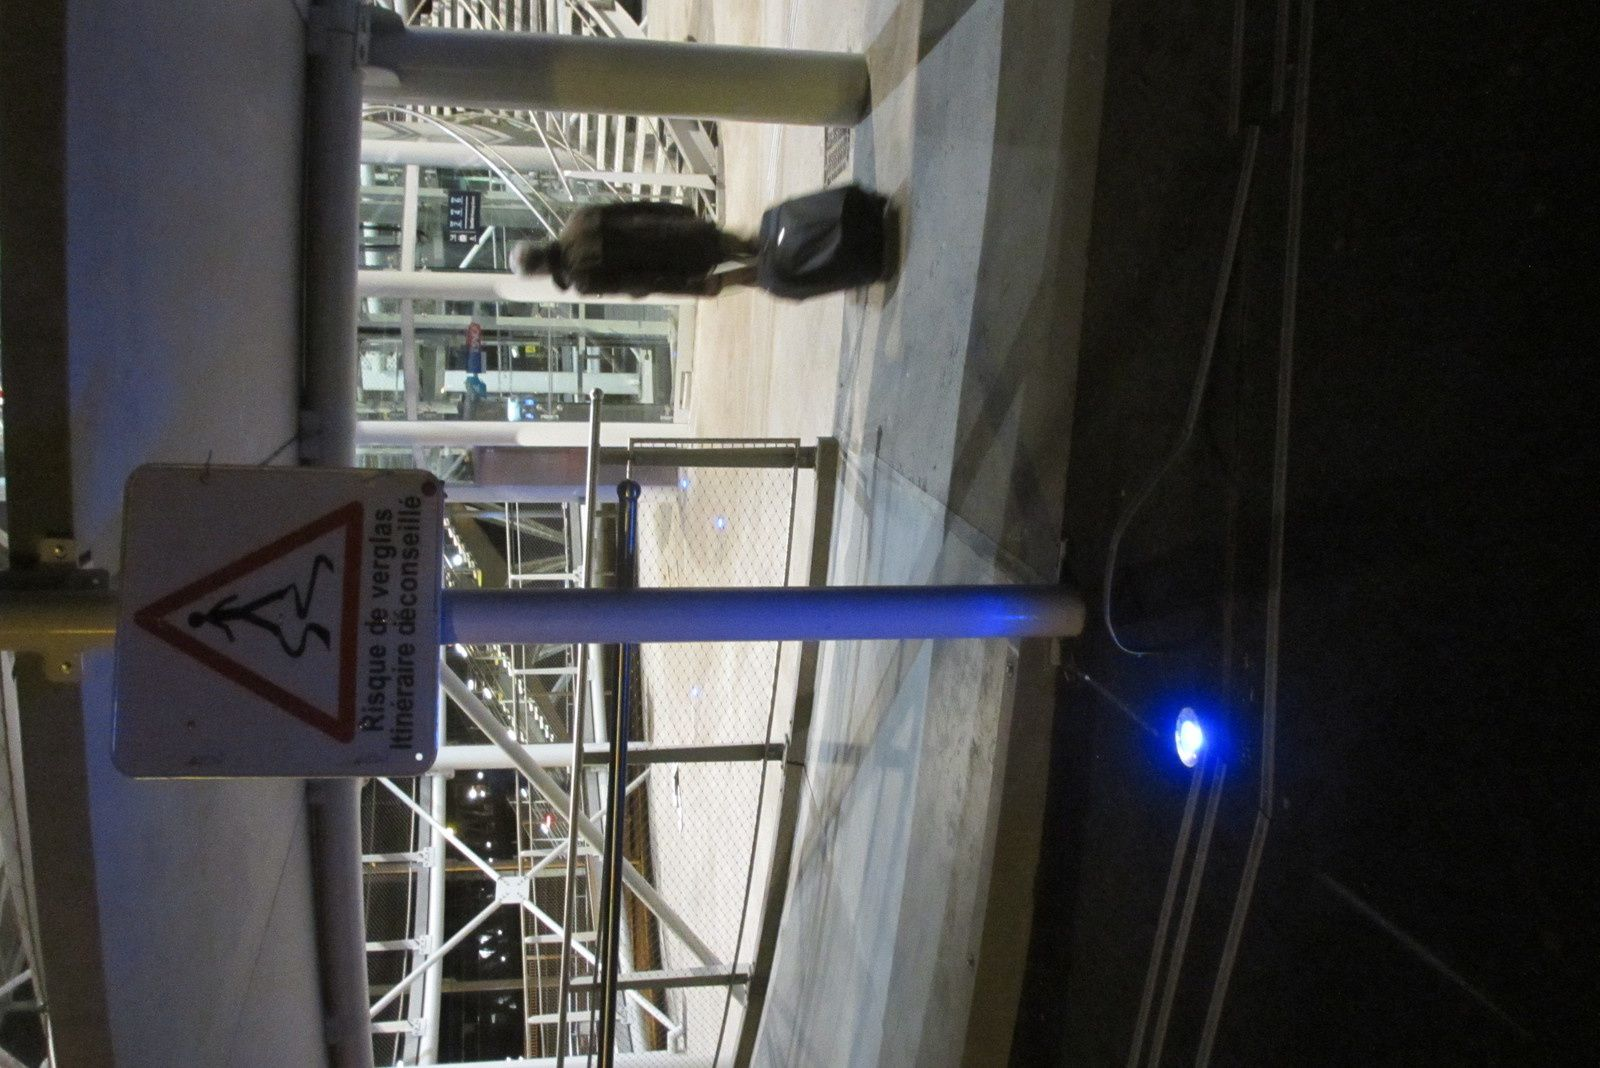 La bande de guidage au sol a été arrachée au pied de la passerelle de la gare de Blois, à droite du spot bleu.